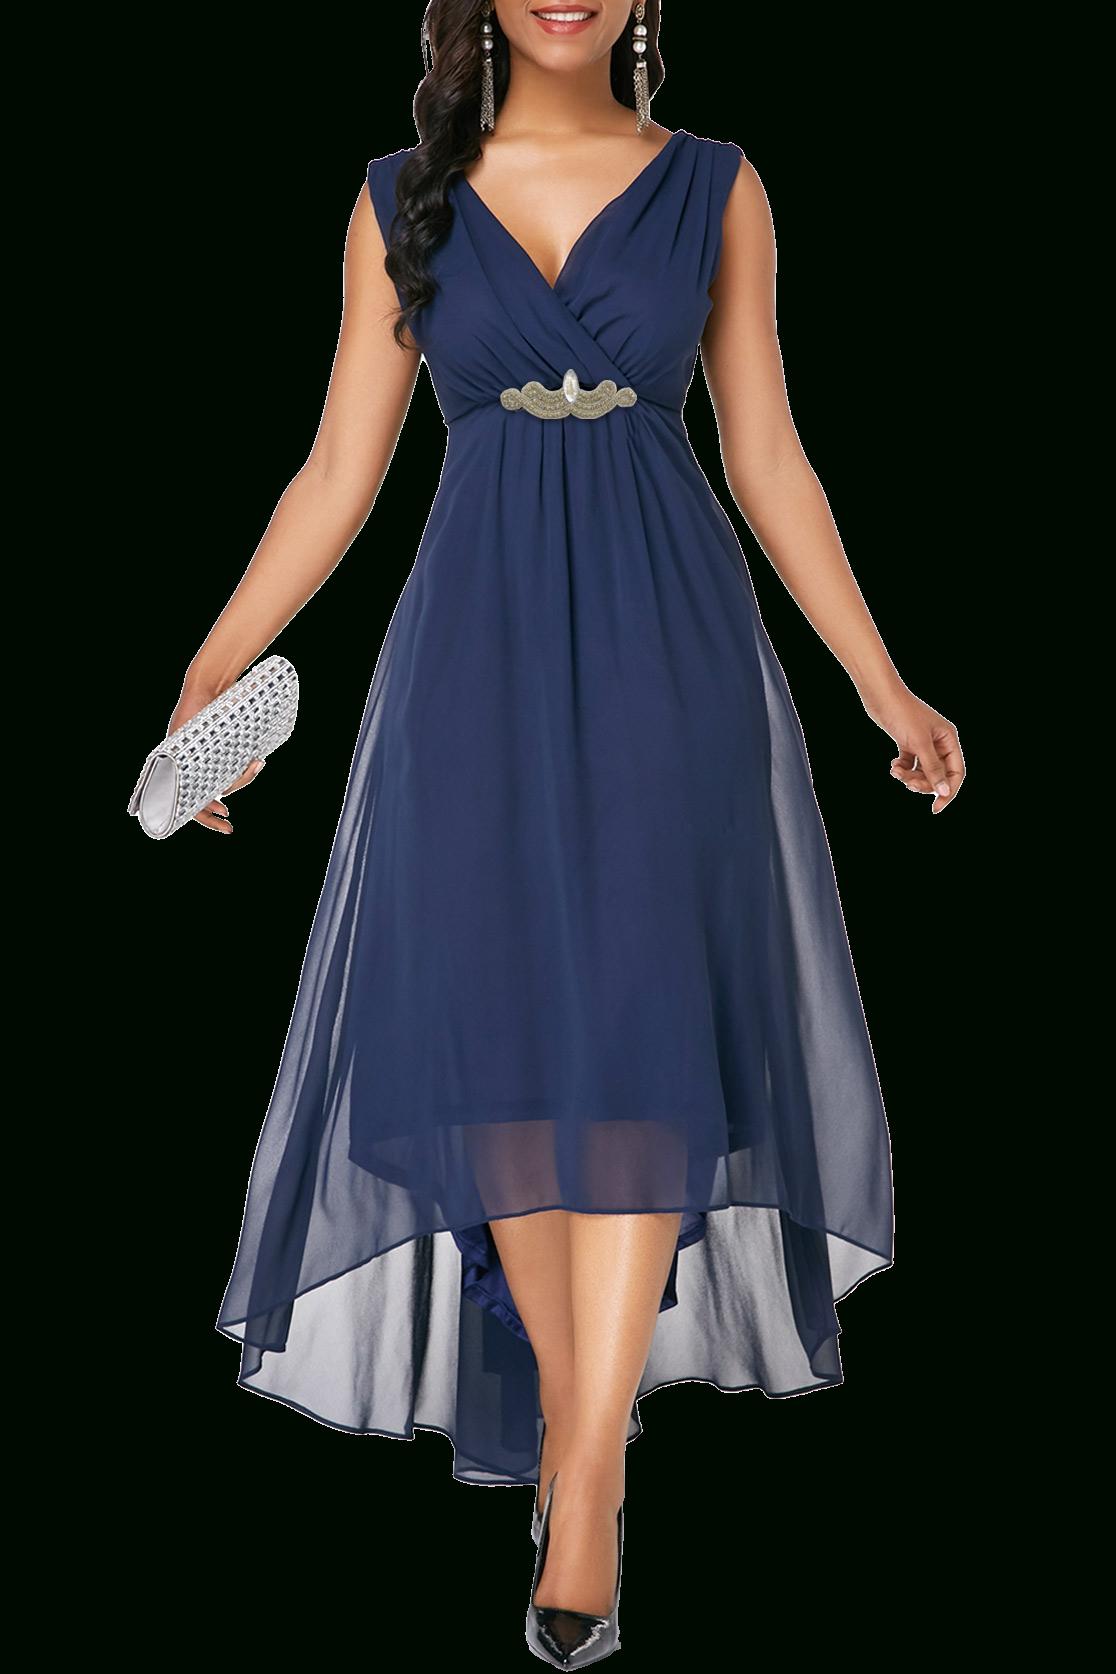 17 Wunderbar Kleider In Dunkelblau Design13 Luxurius Kleider In Dunkelblau für 2019